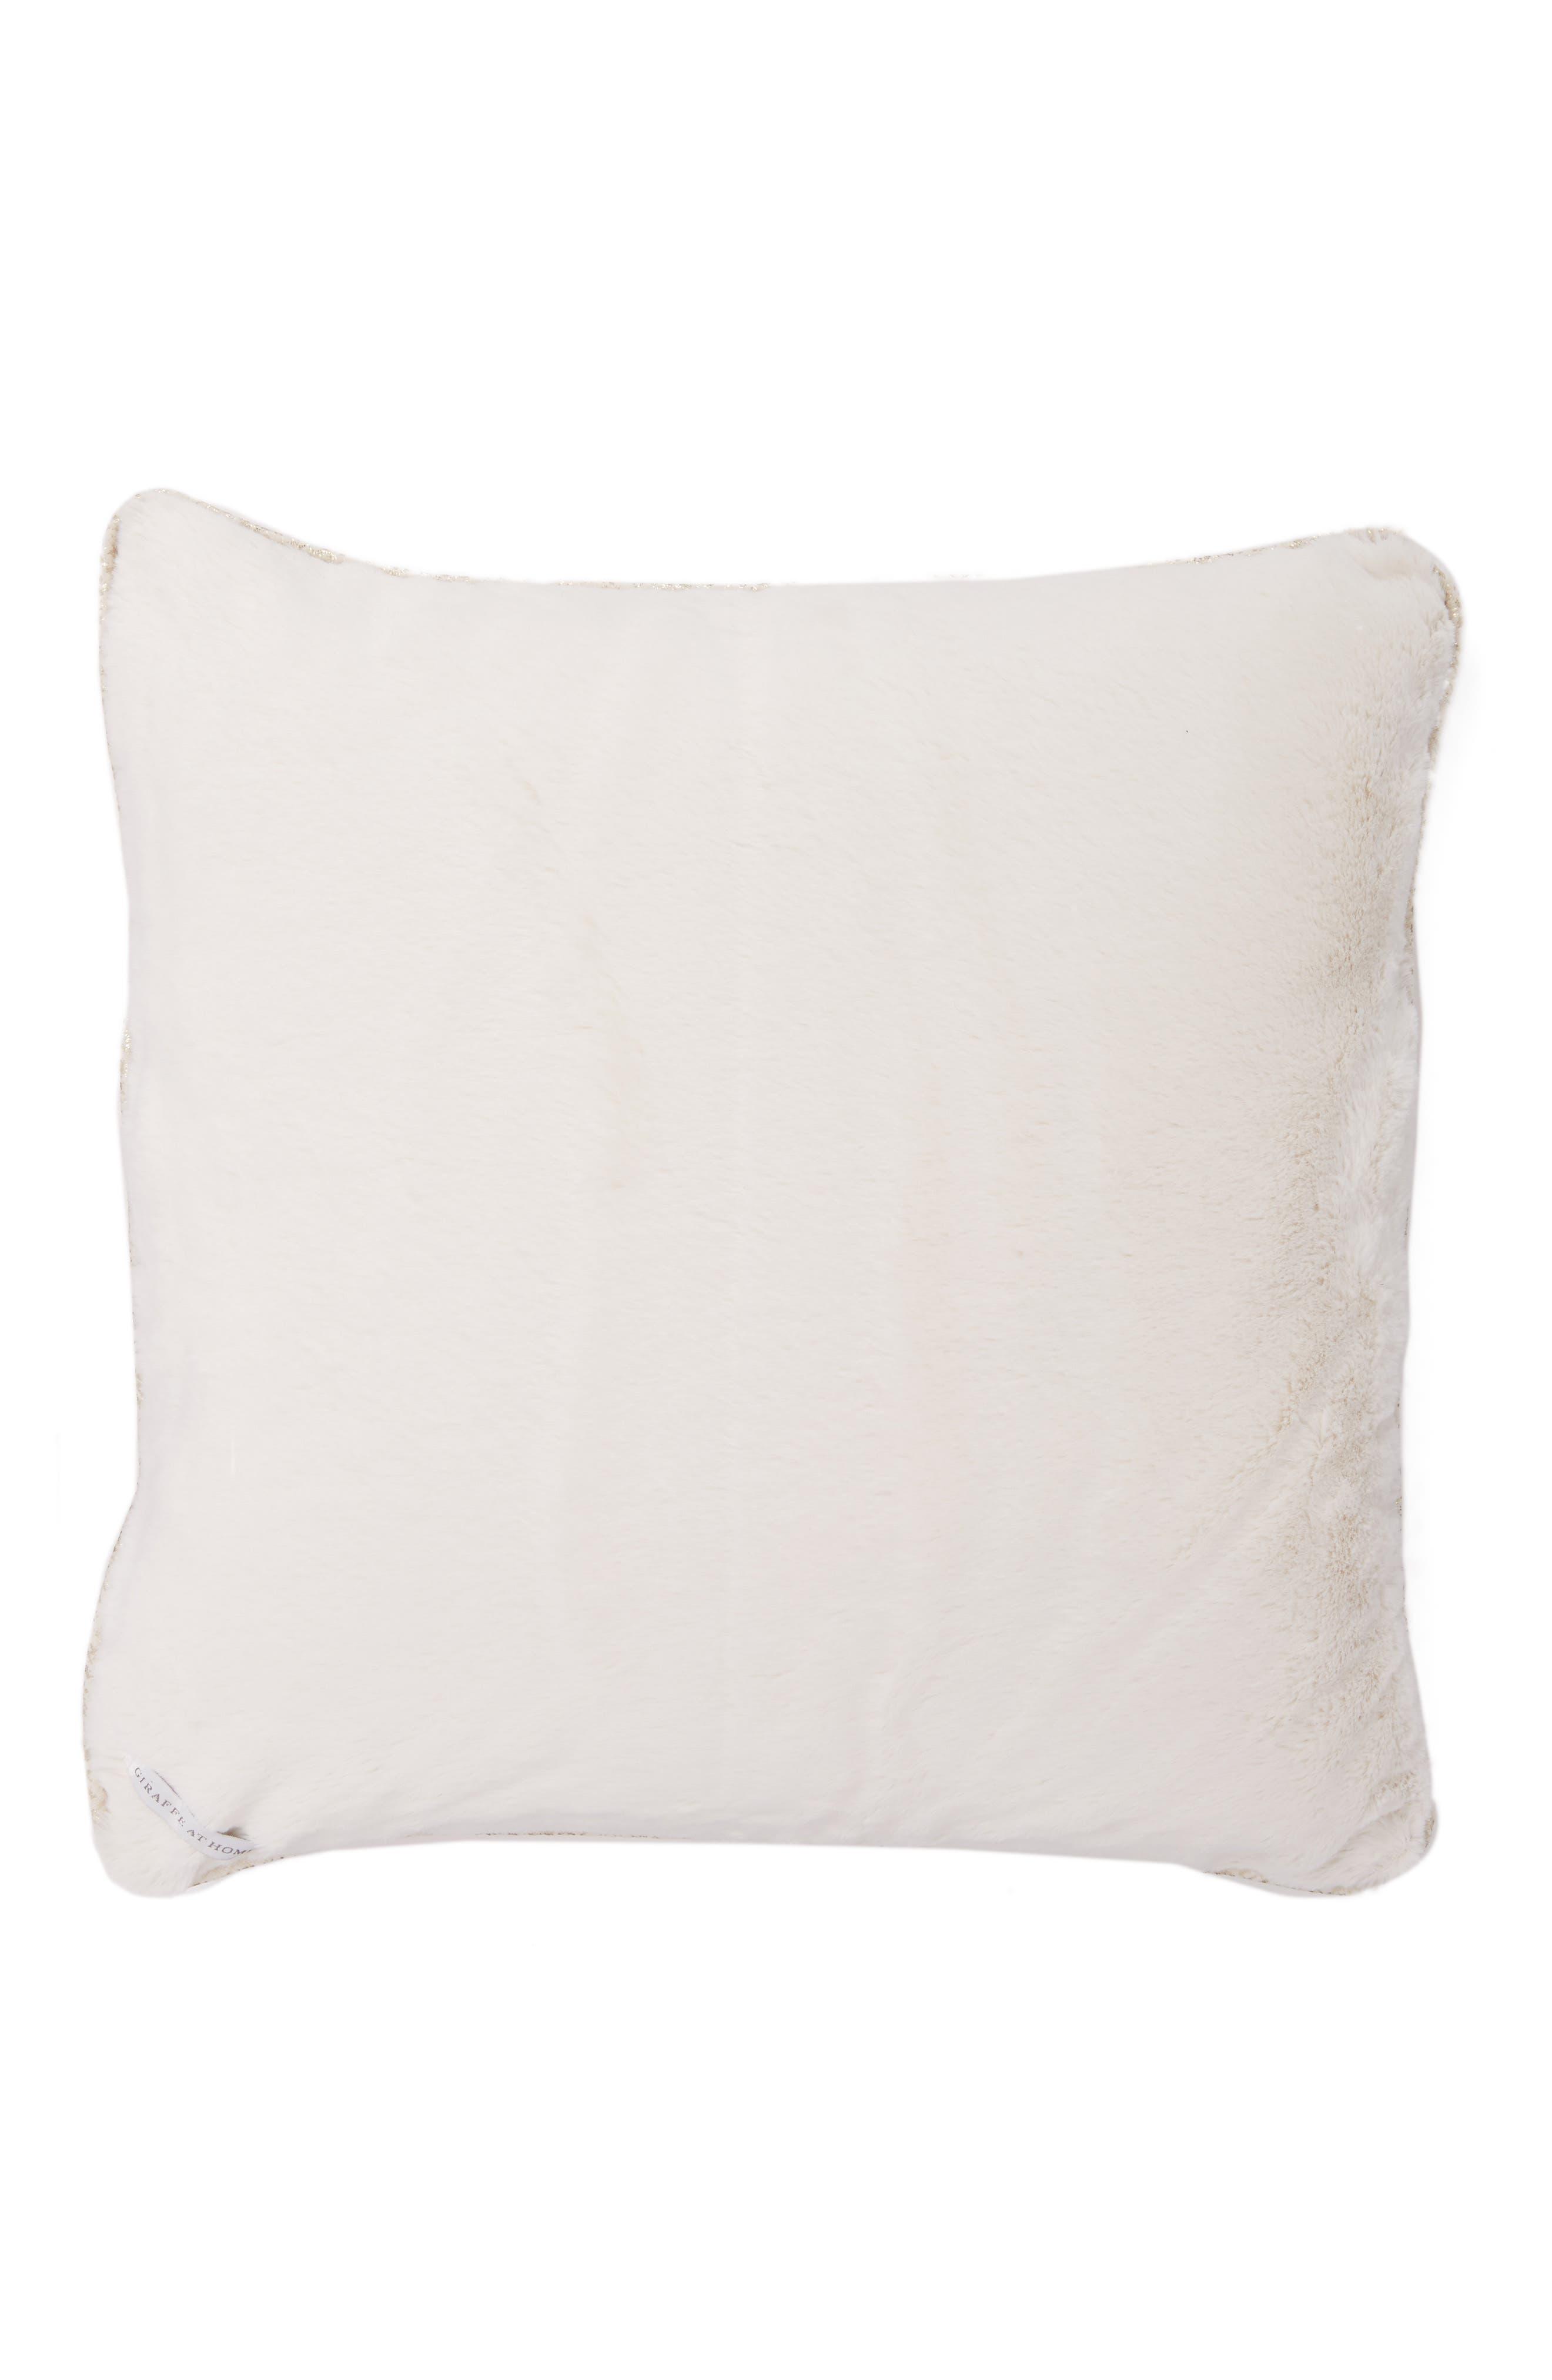 Giraffe at Home Luxe™ Lustre Pillow